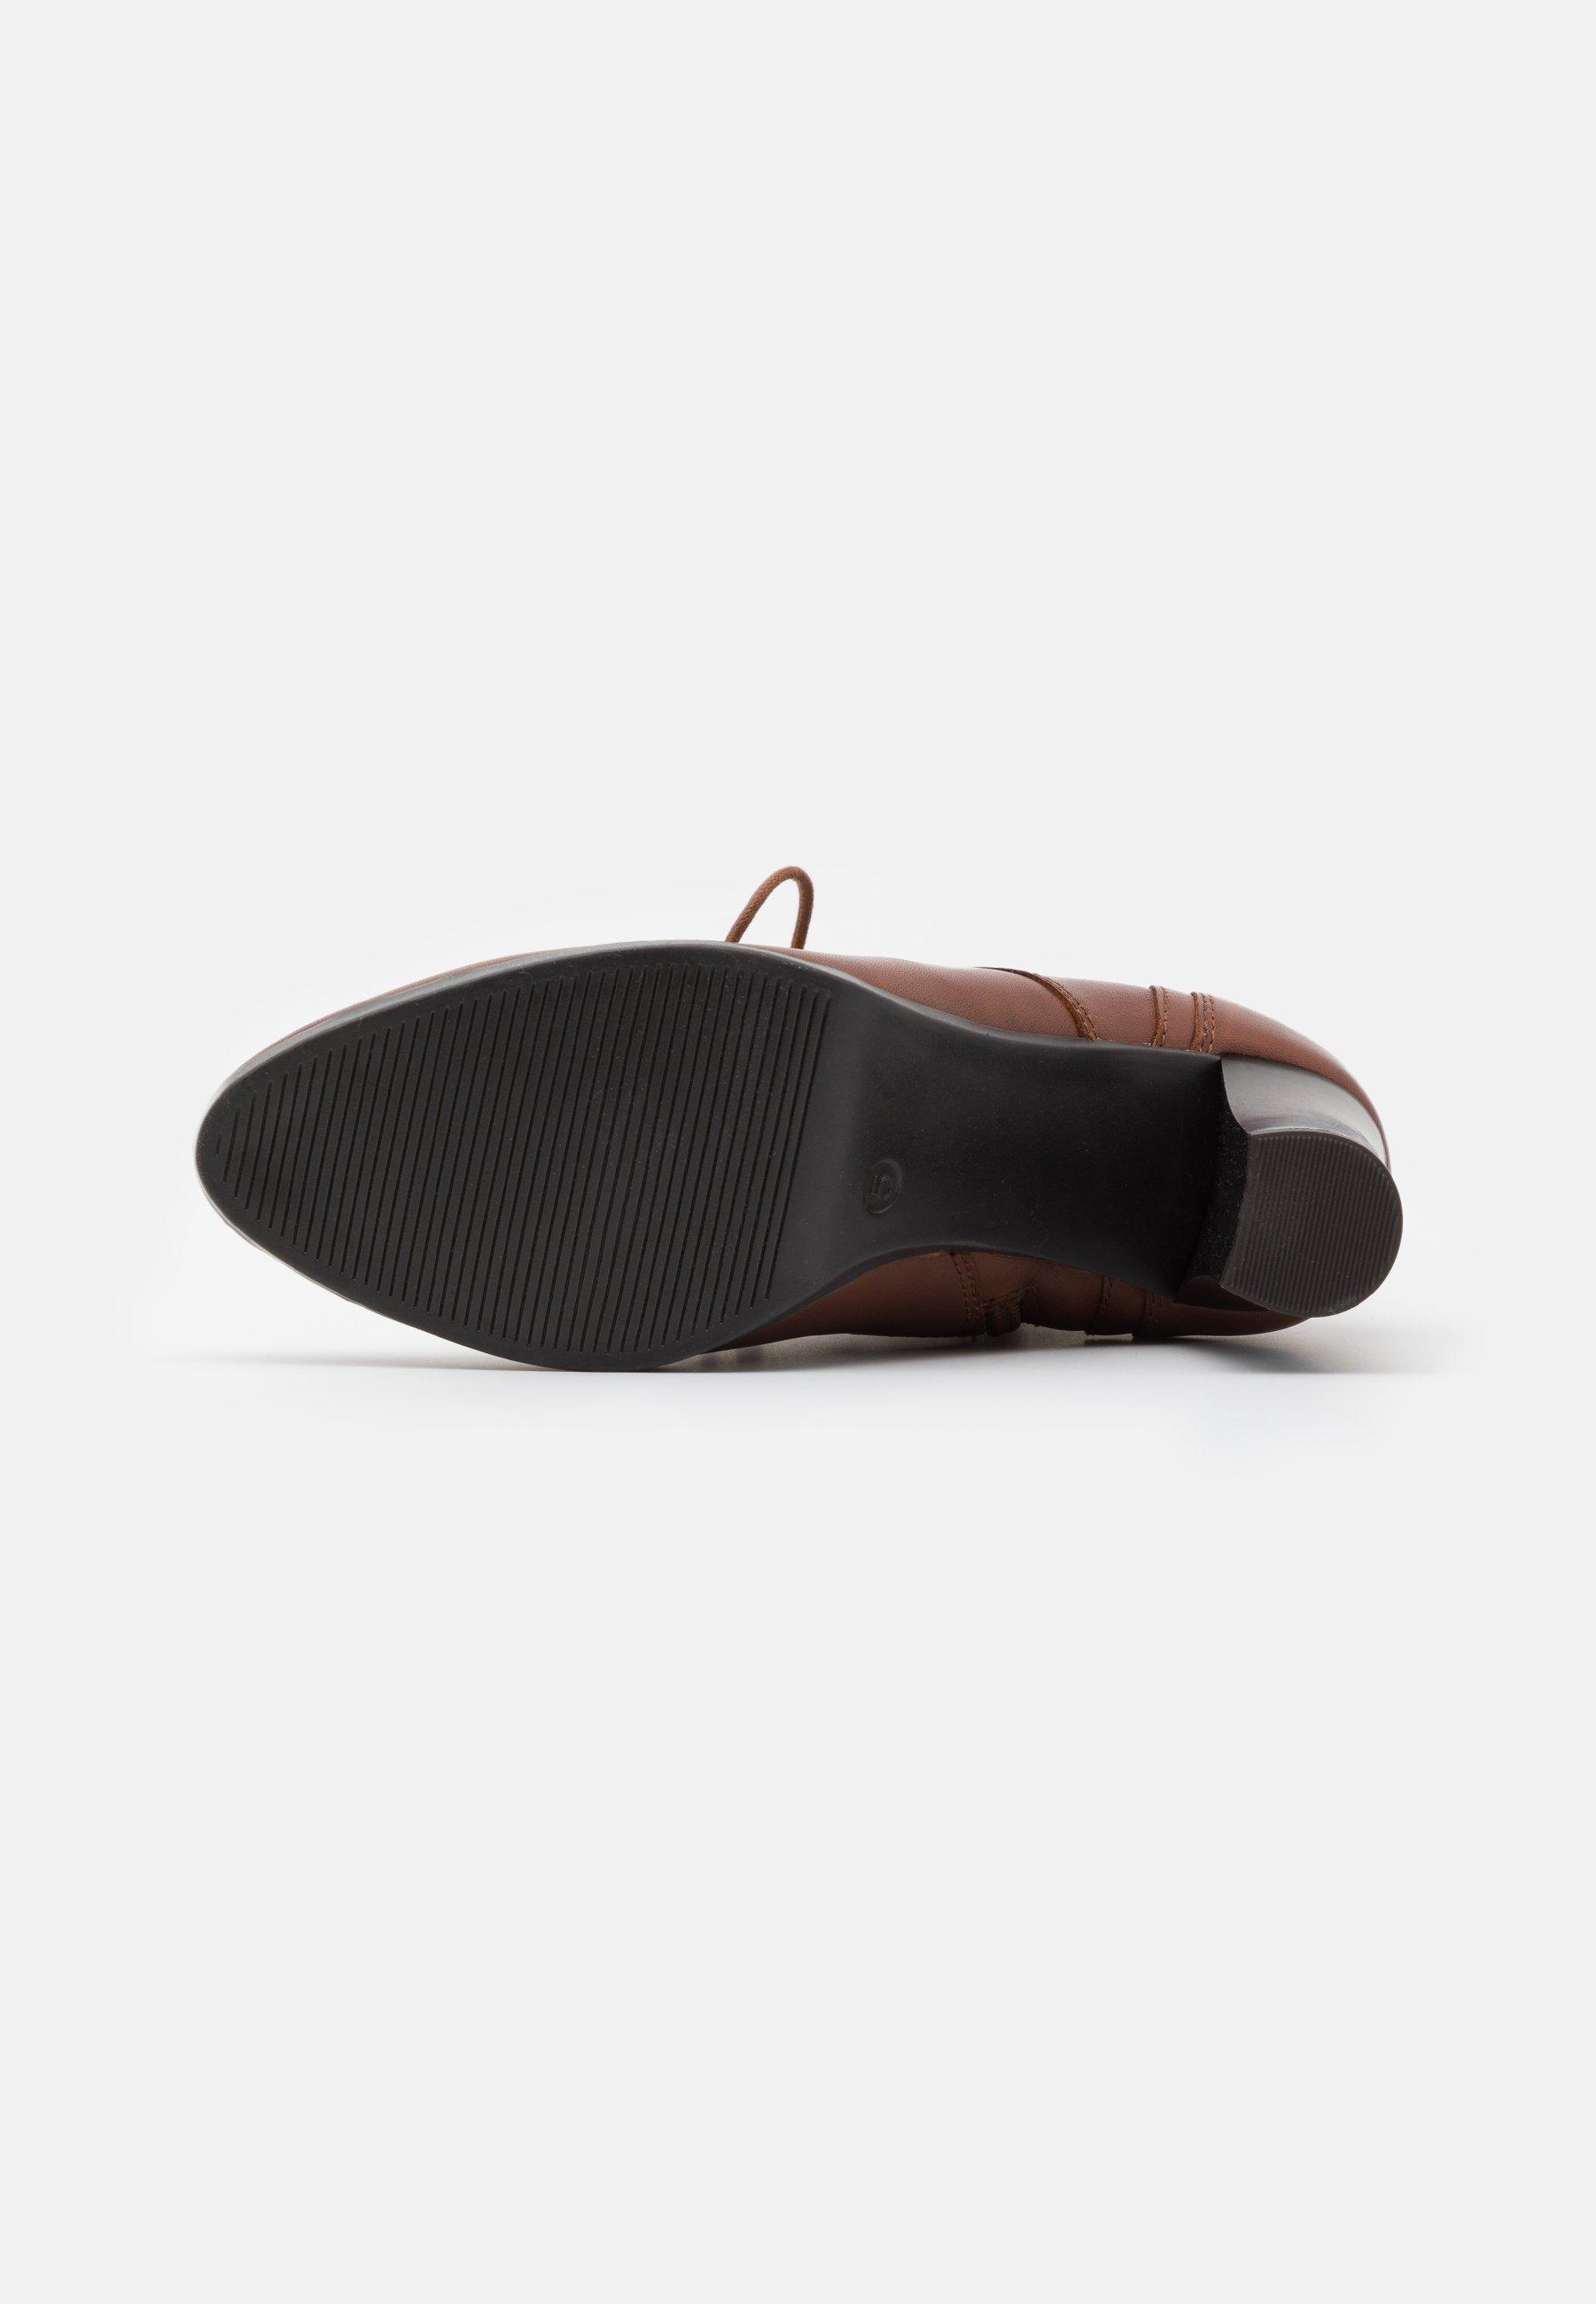 Caprice Boots - Ankelboots Med Høye Hæler Cognac